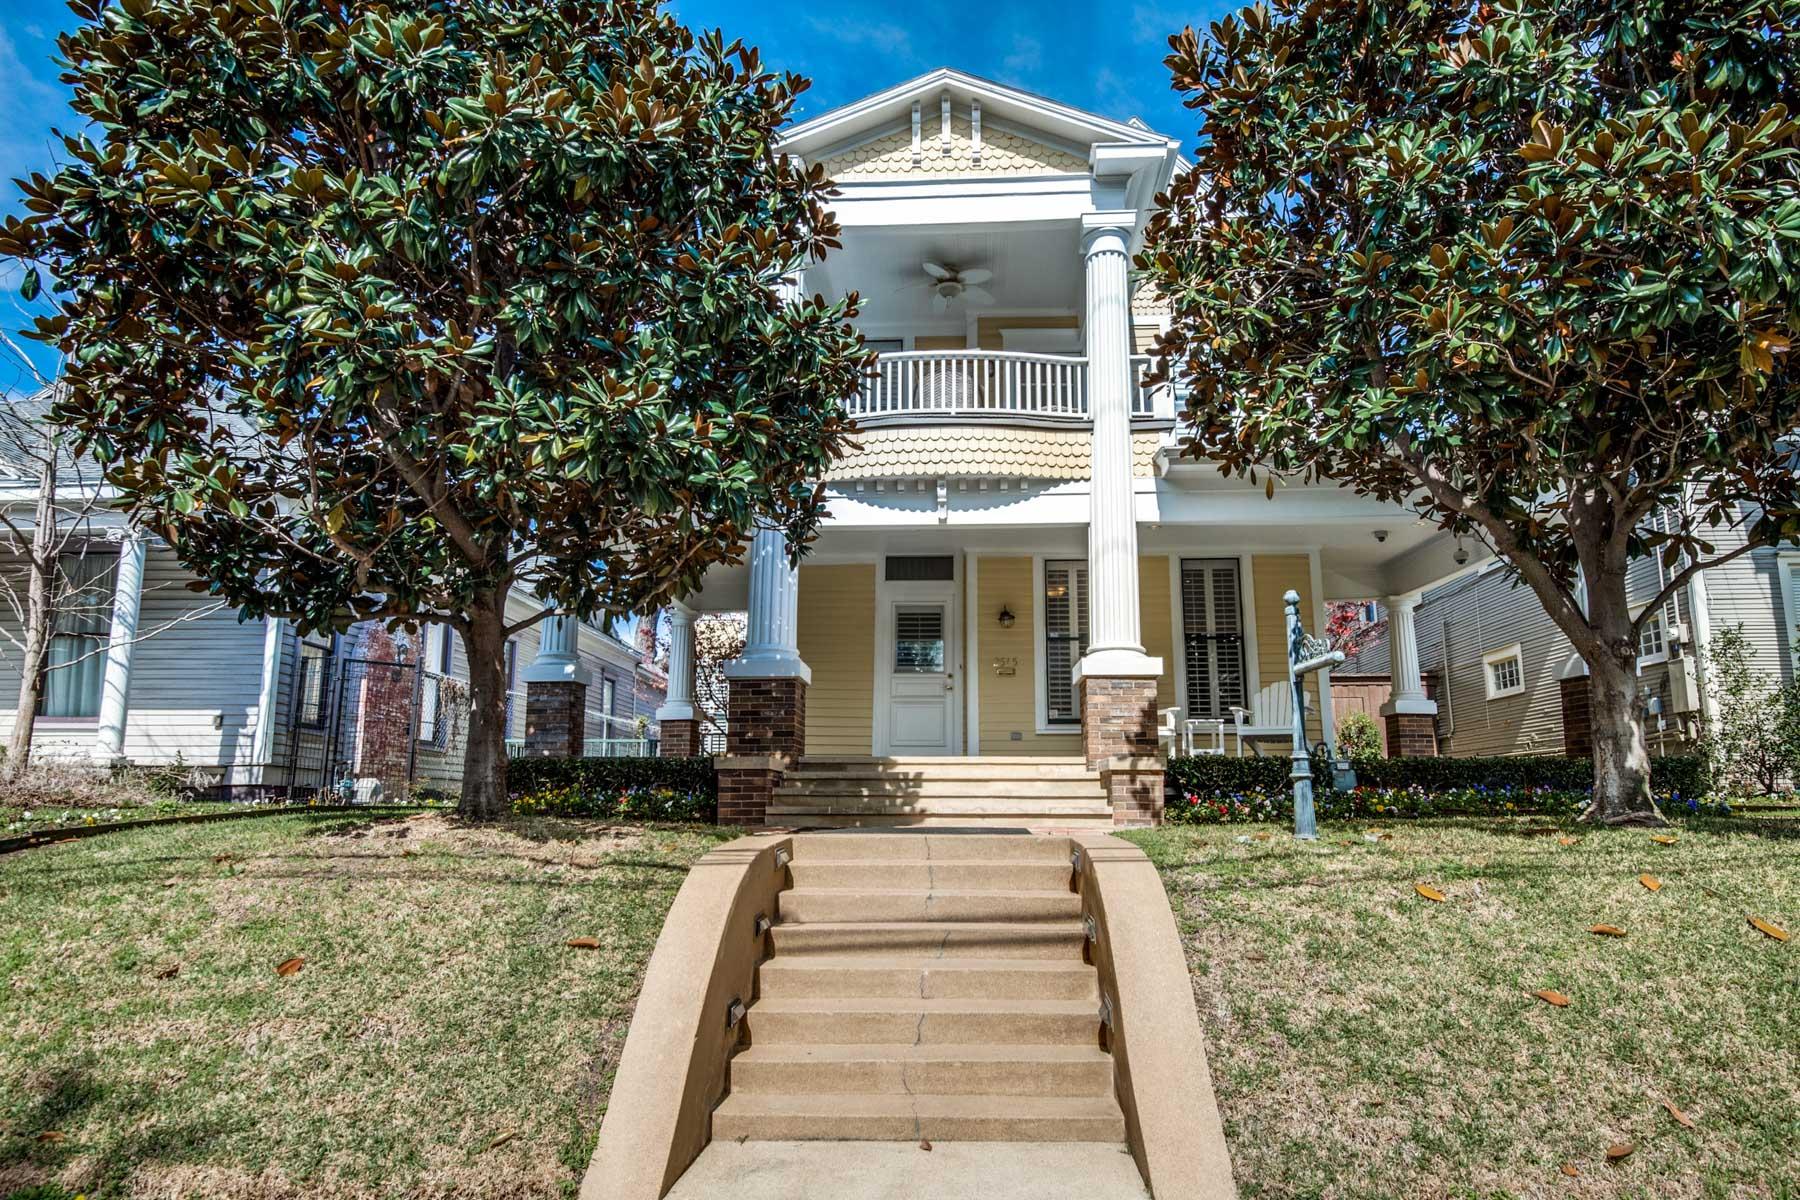 Maison unifamiliale pour l Vente à State Thomas Historical District Neo Classical 2515 Thomas Ave Dallas, Texas, 75201 États-Unis